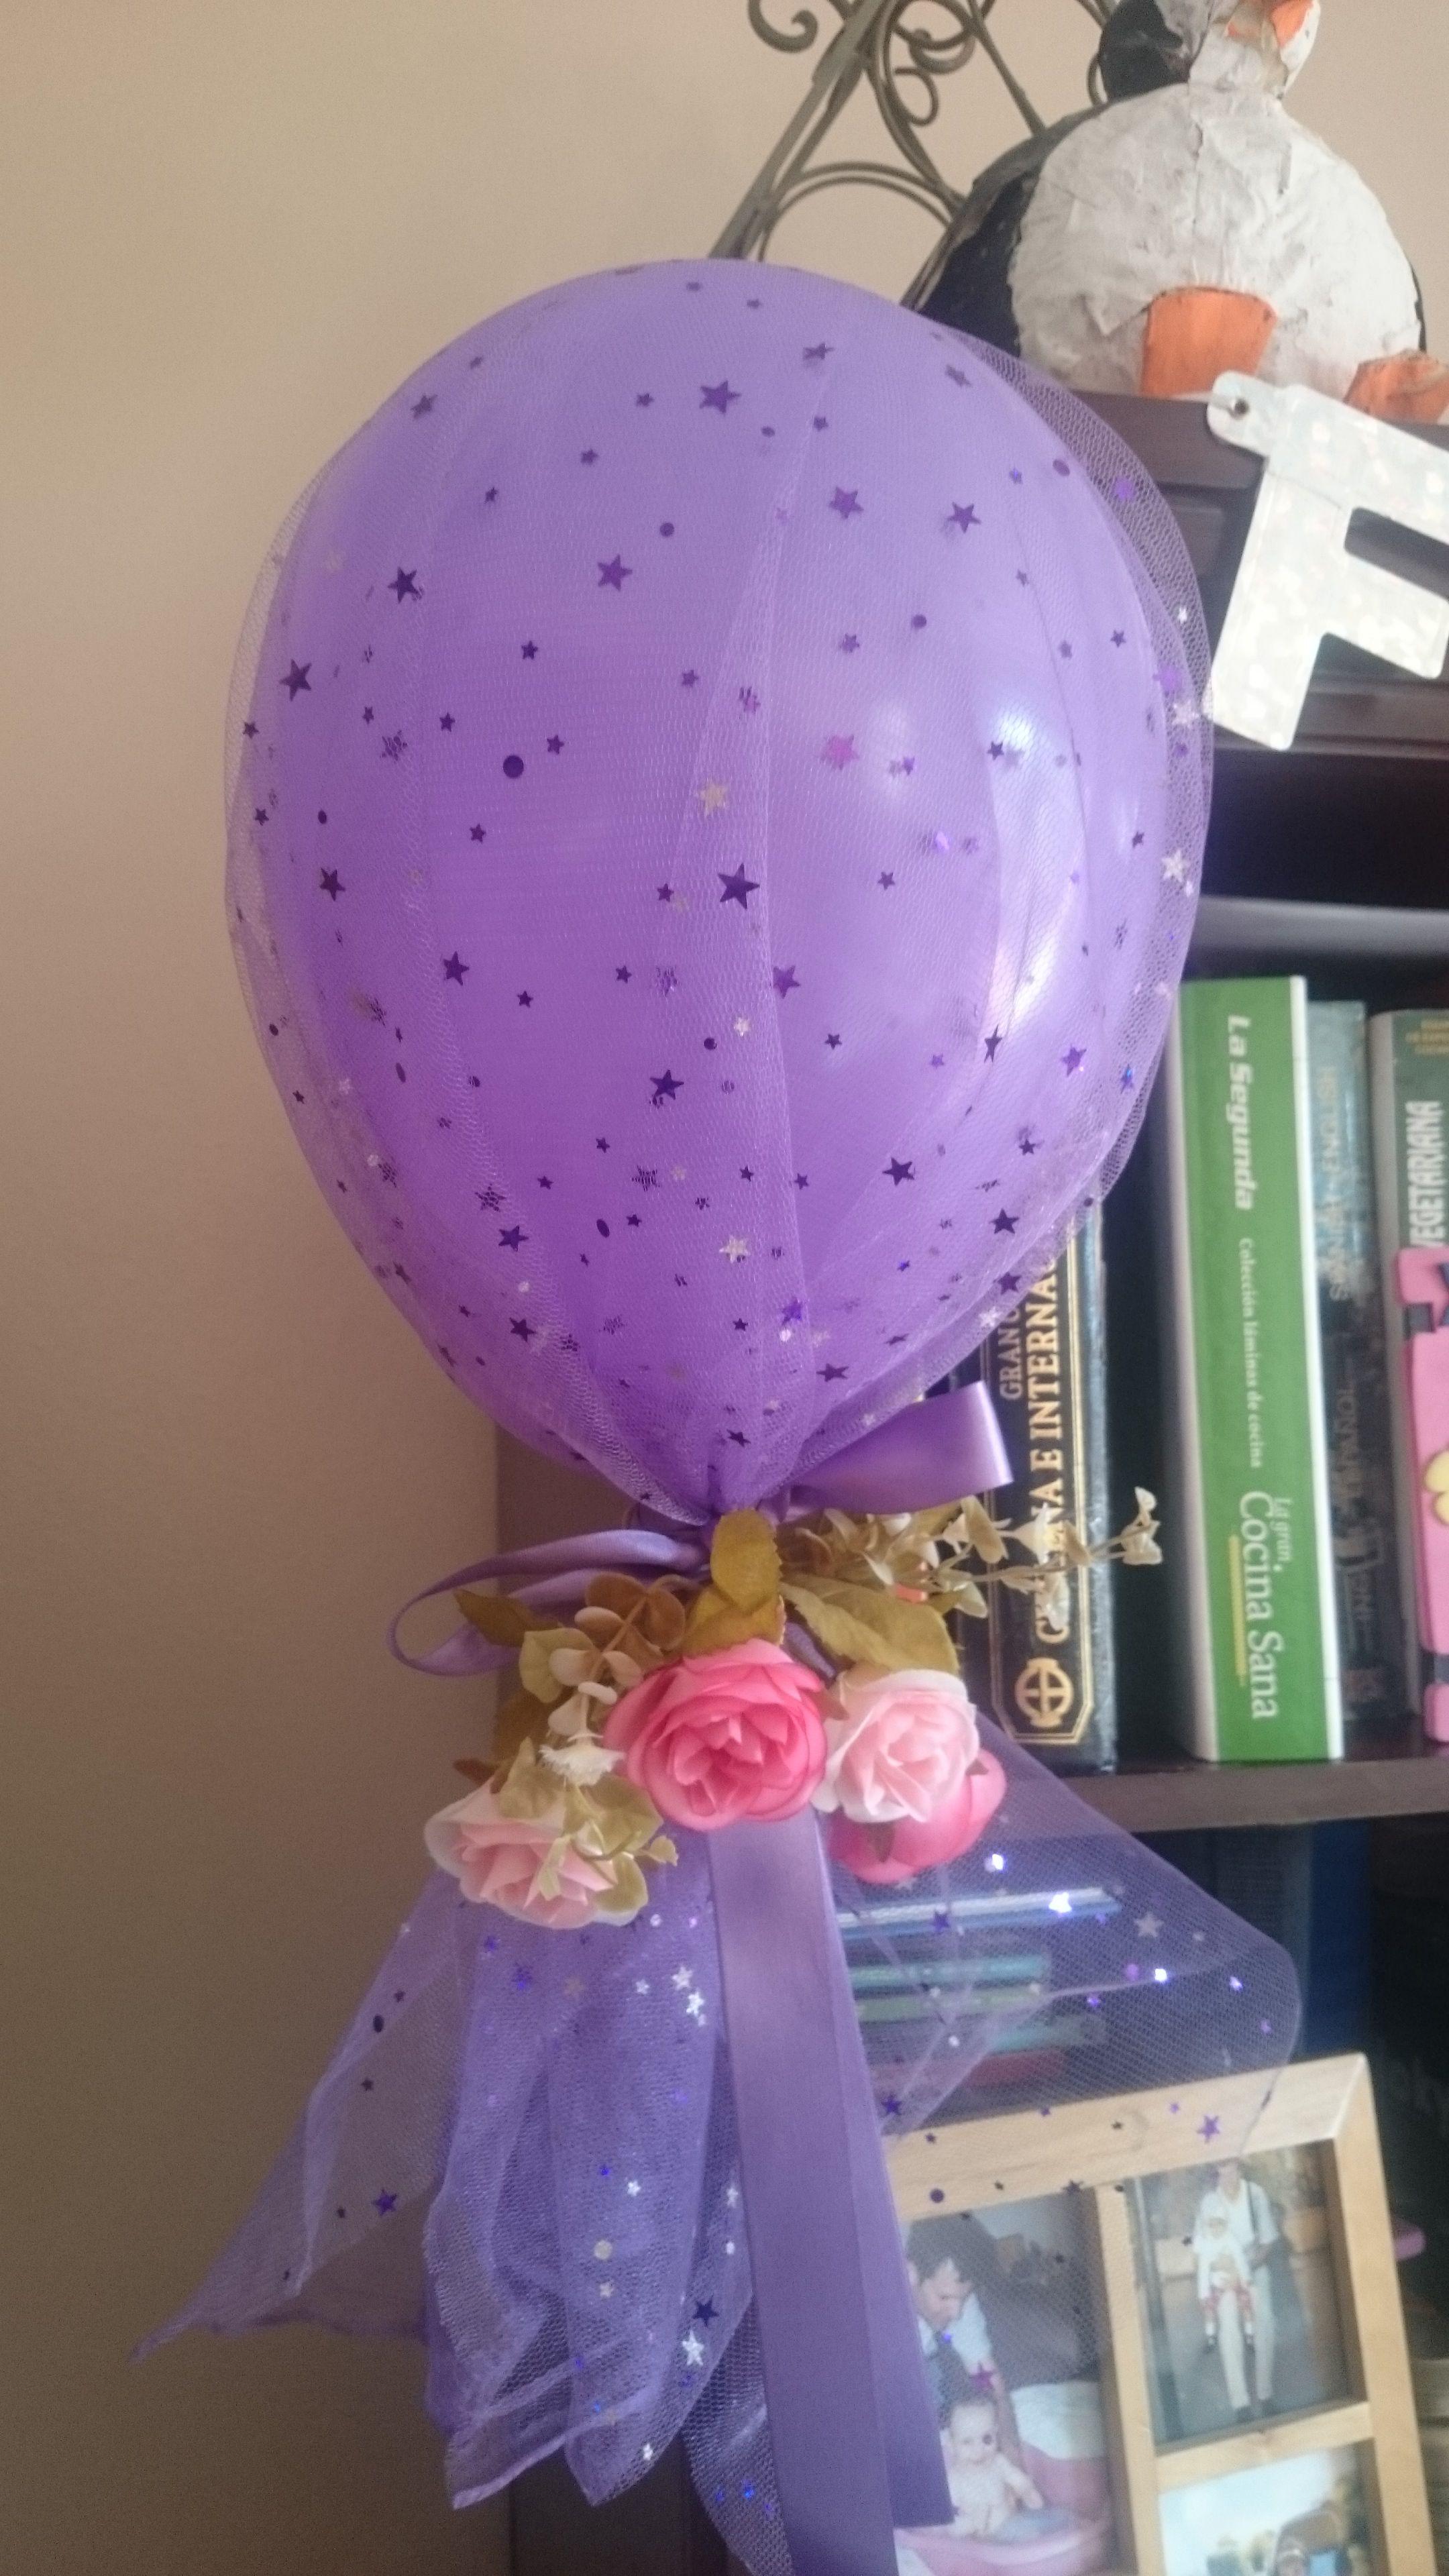 Globo envuelto con tul y rosita para decoracion de fiestas - Decoracion con globos para cumpleanos ...